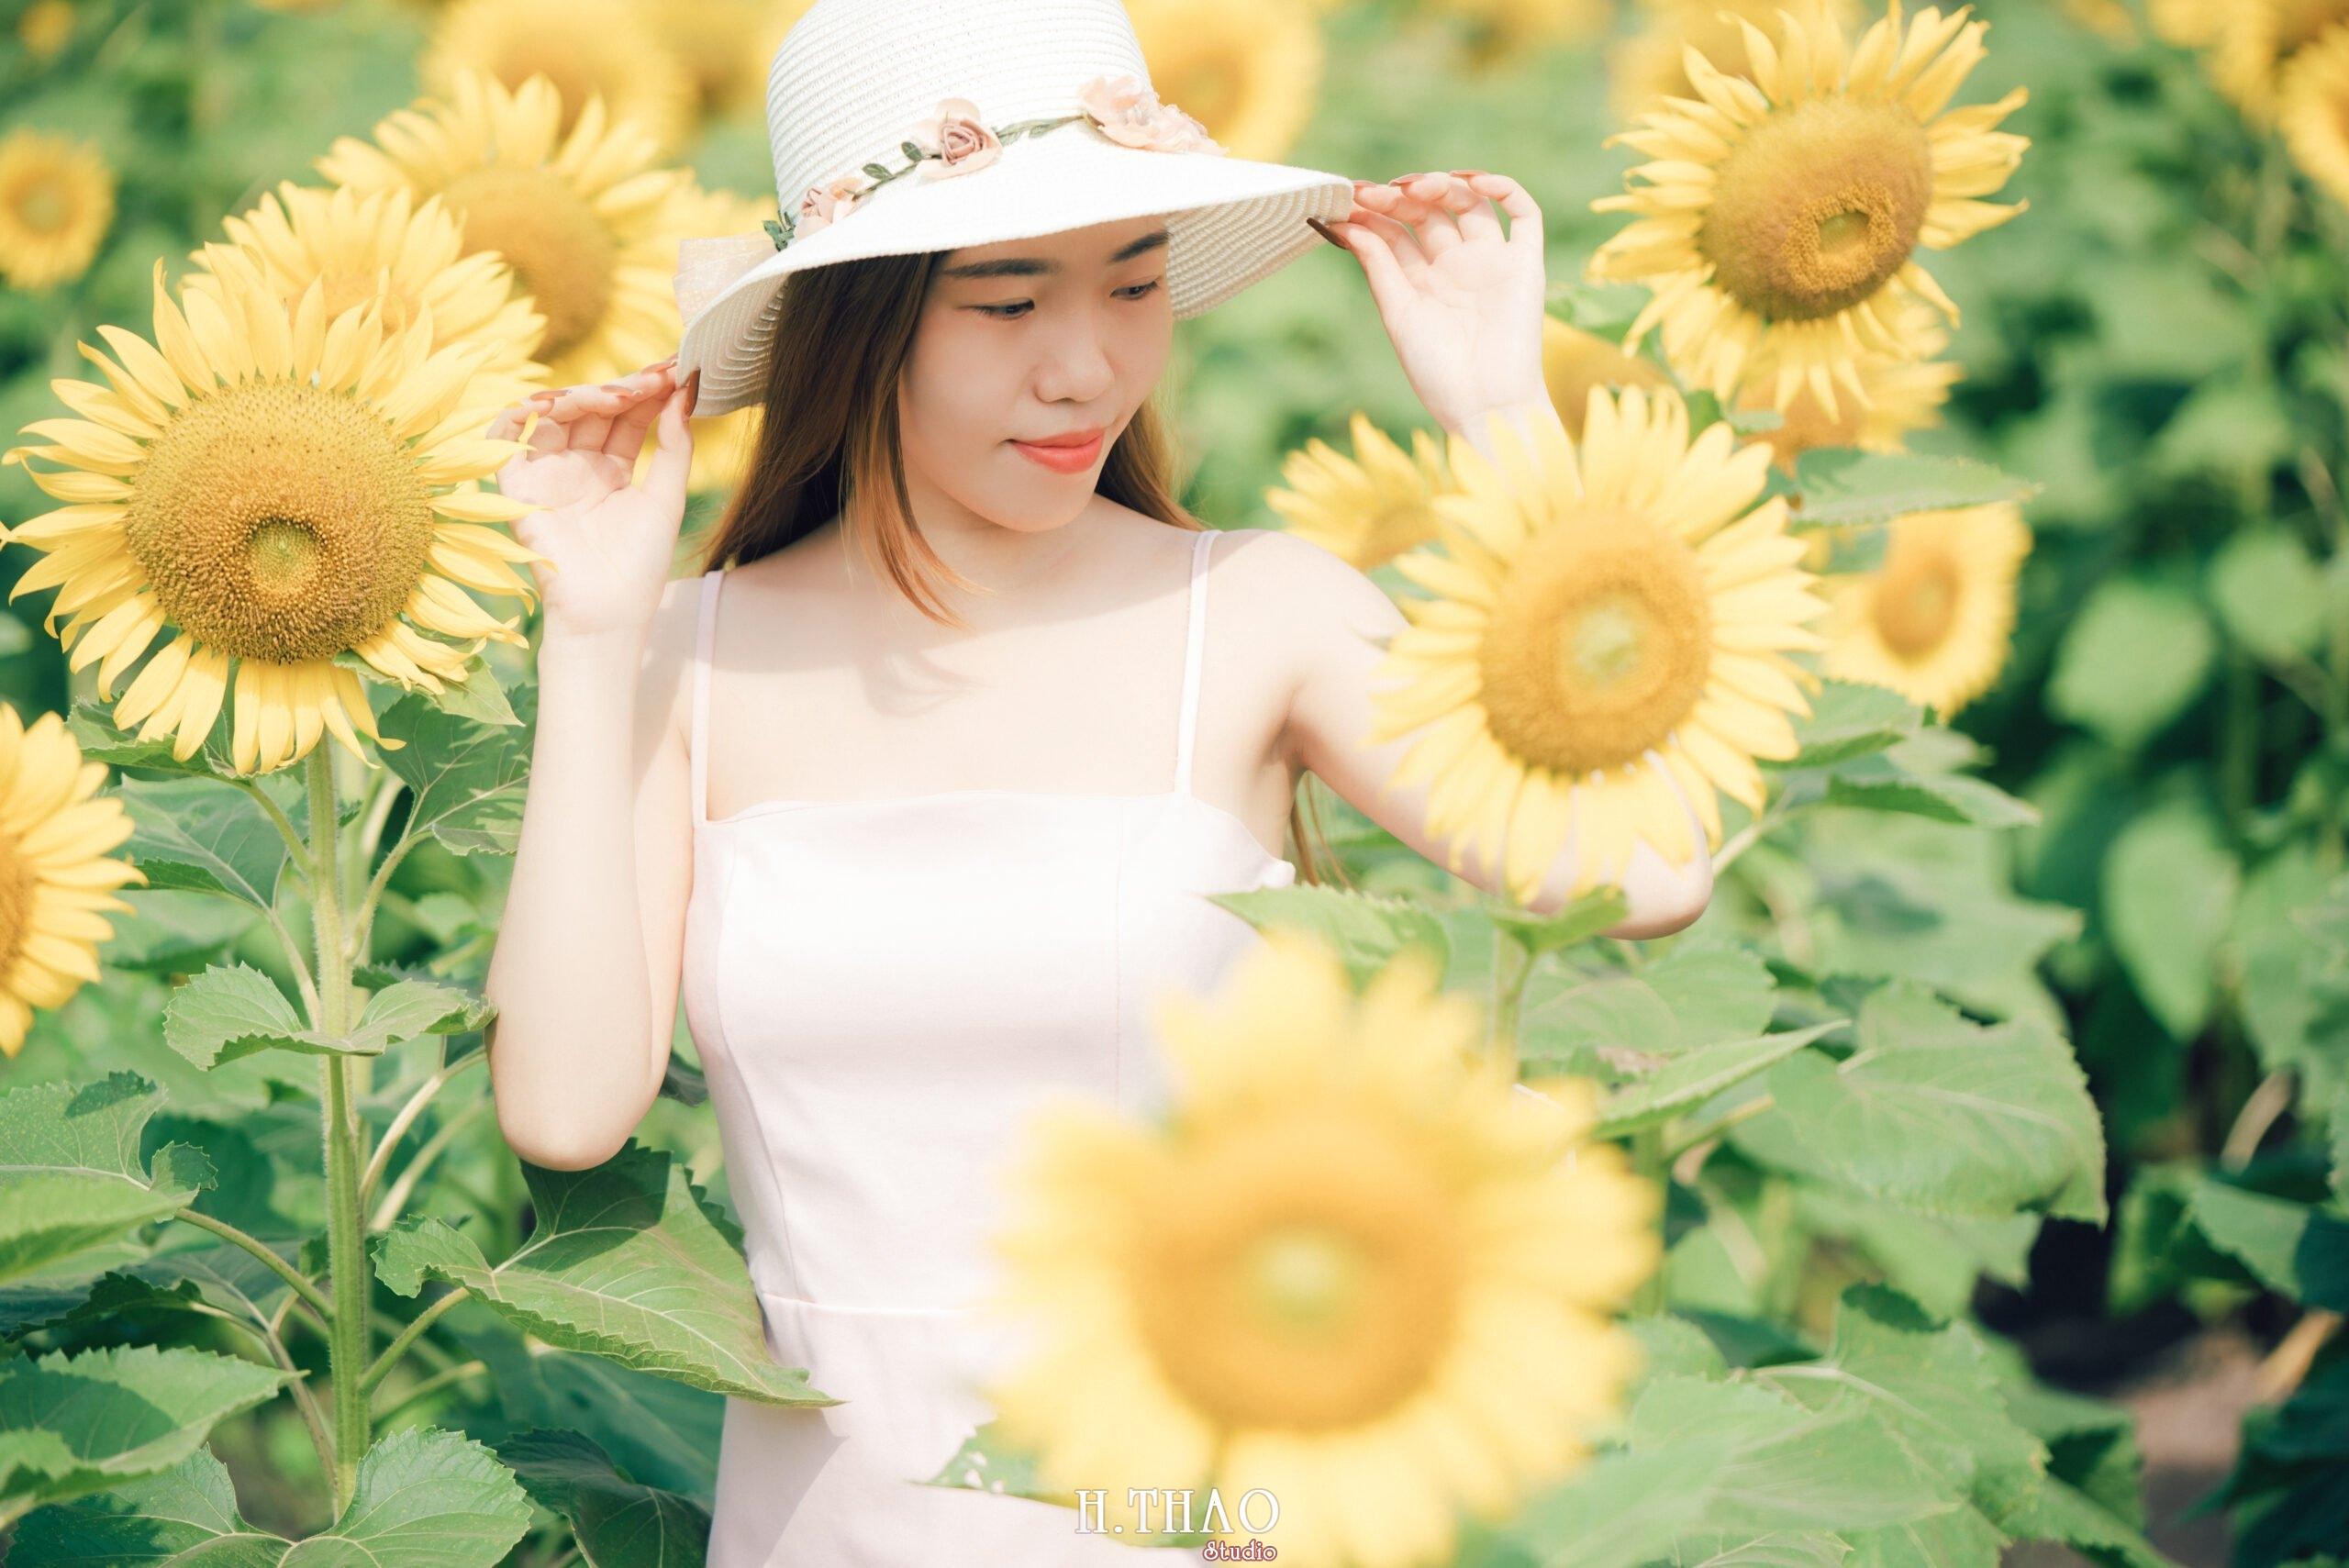 Anh be Mai 4 scaled - Chụp ảnh với hoa hướng dương tuyệt đẹp giữa lòng Sài Gòn